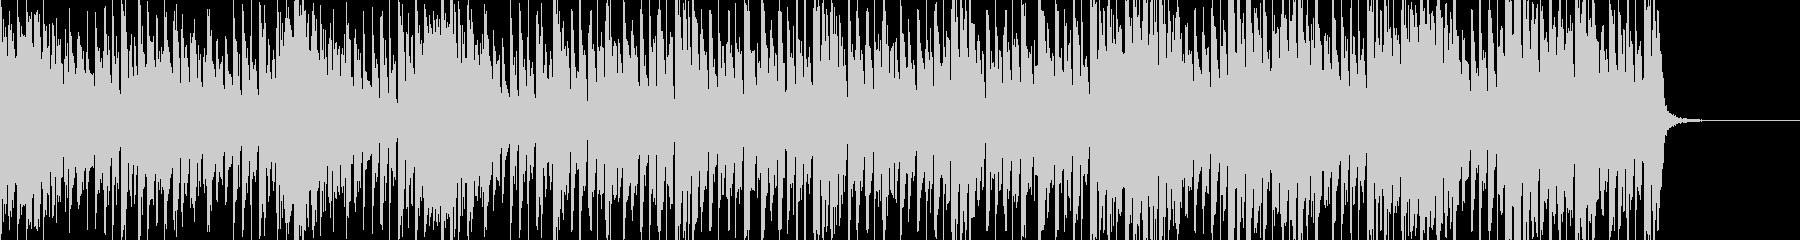 サウンドデザインエフェクトと陰気な...の未再生の波形